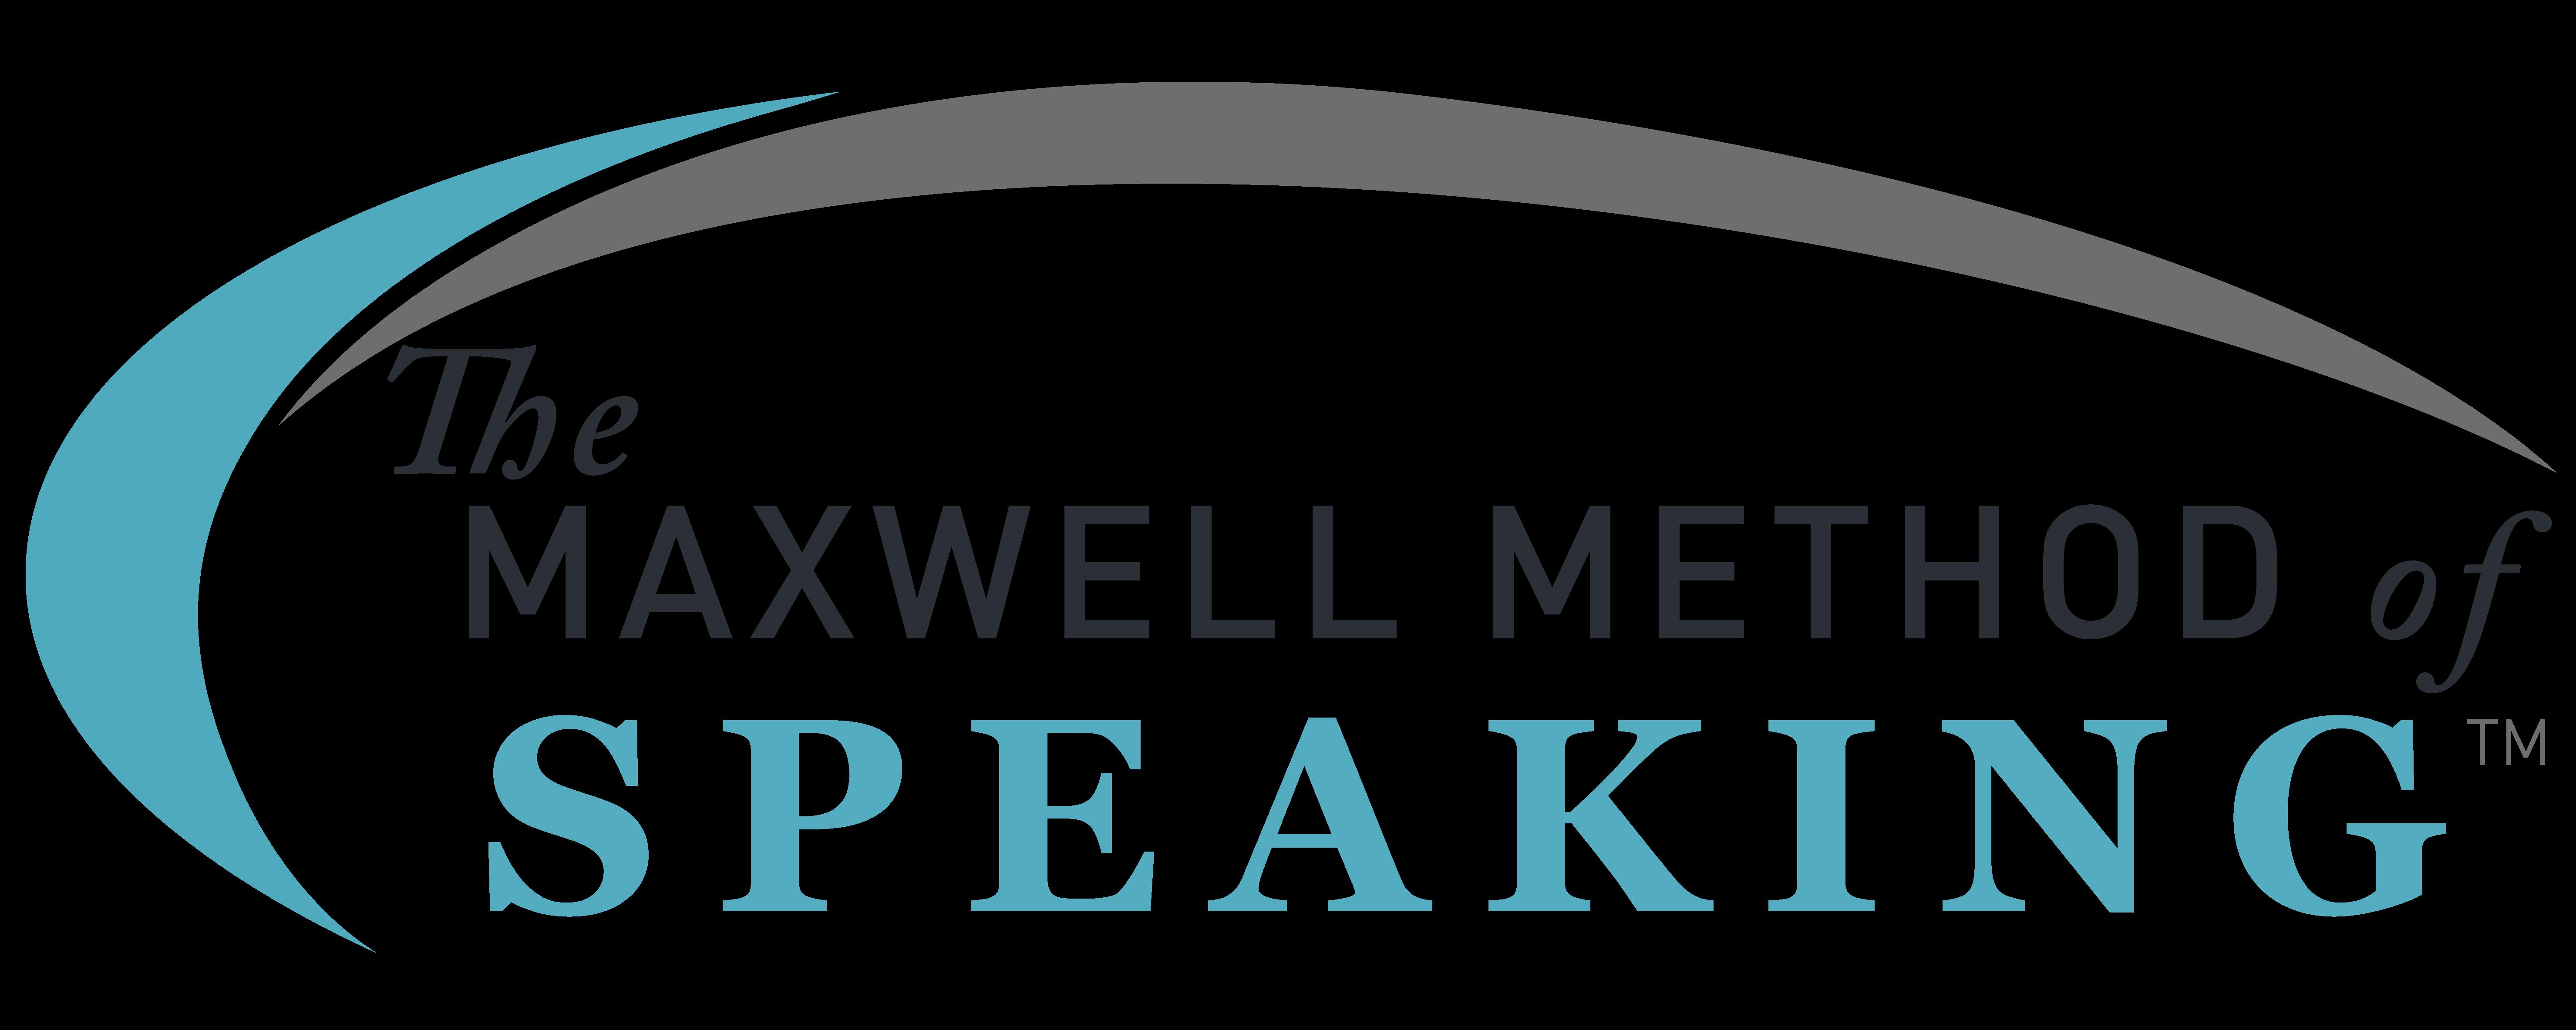 Maxwell_Method_Speaking_fc_TM